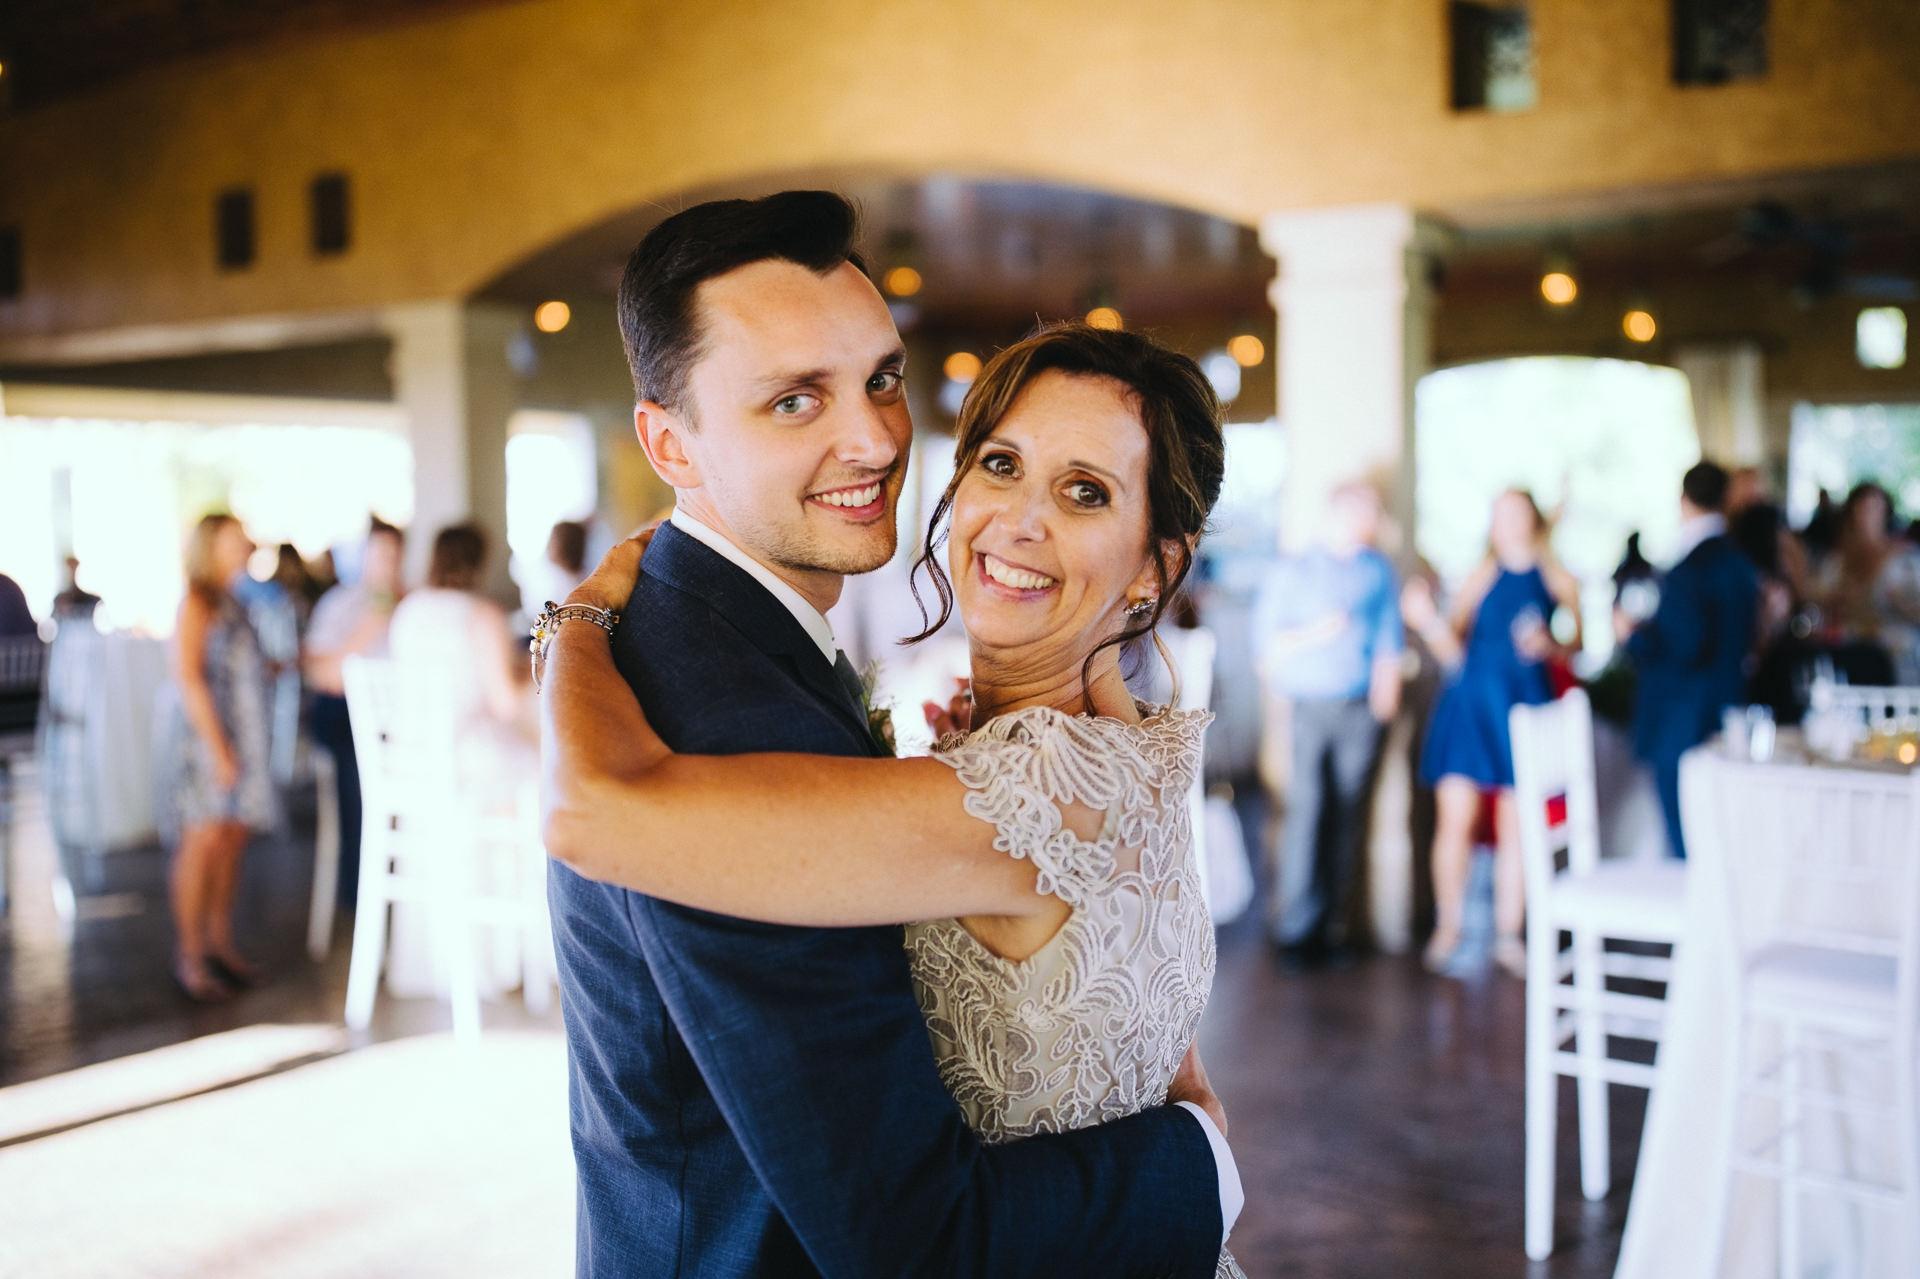 Gervasi Wedding Photographer in Canton Ohio 83.jpg